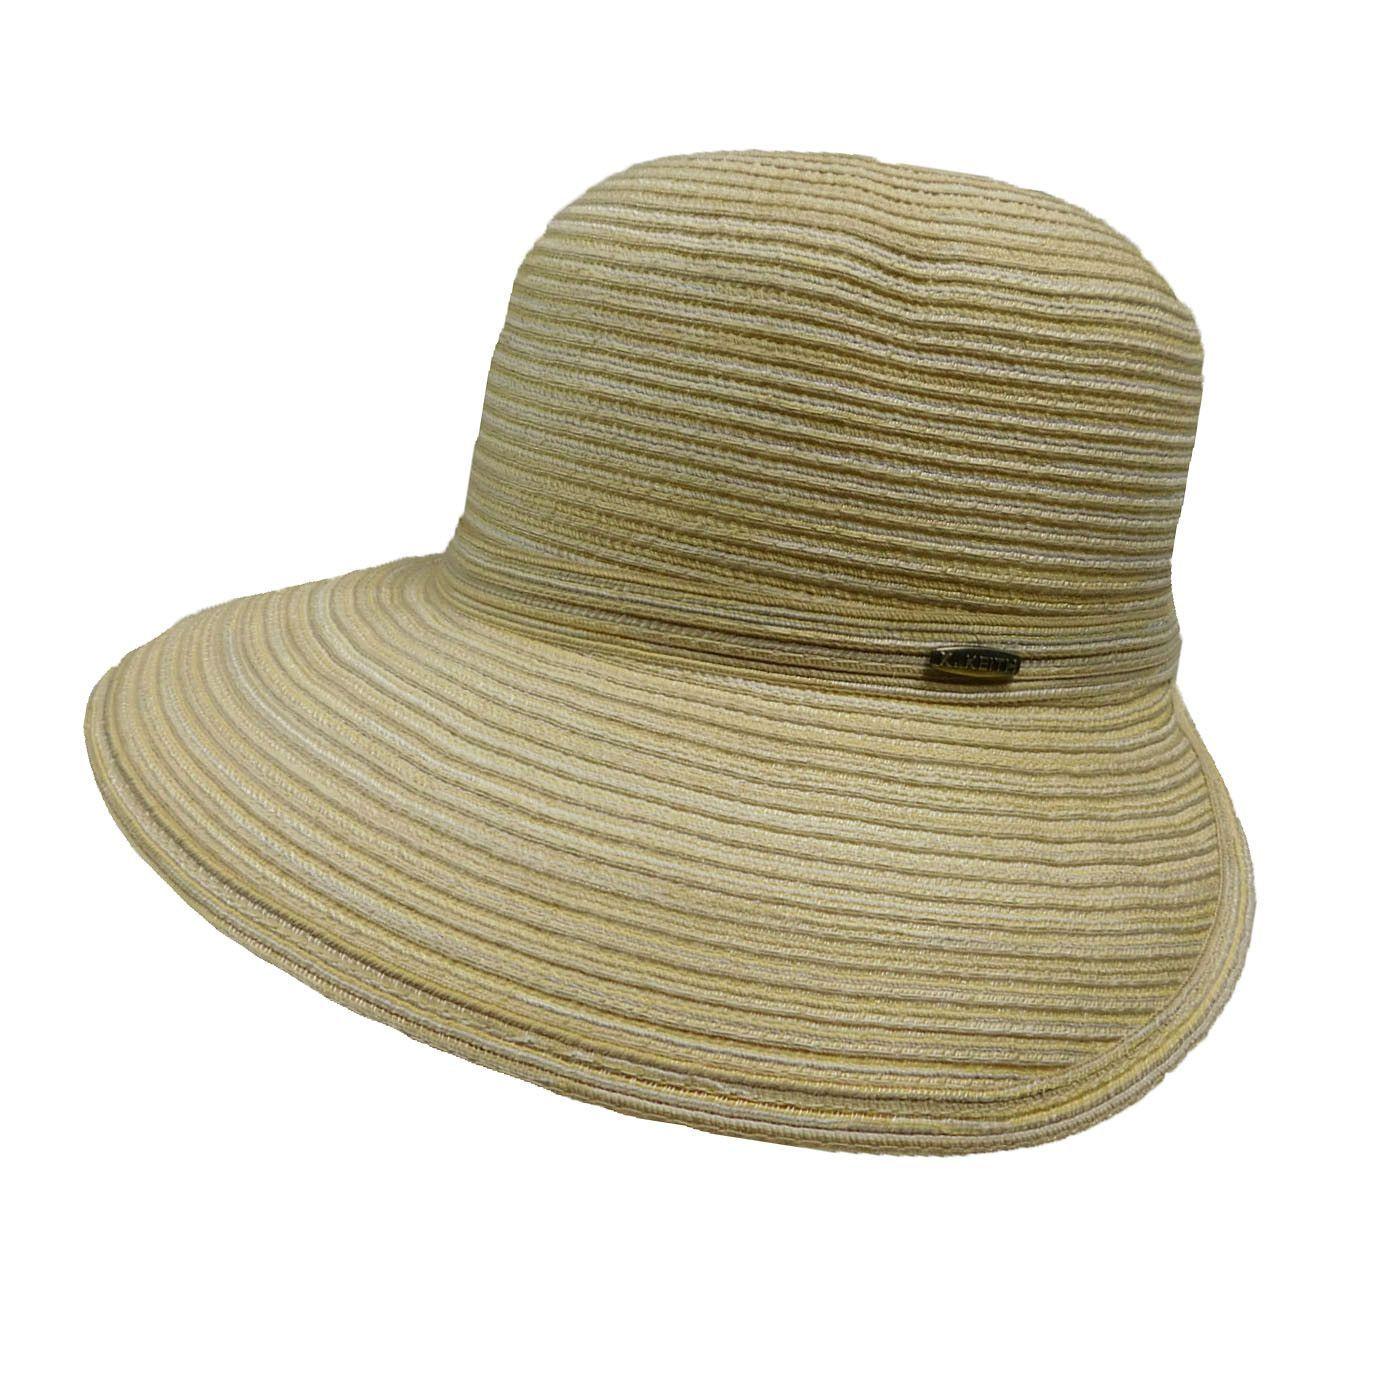 7f040e04b4964 Karen Keith Poly Braid Facesaver. Karen Keith Poly Braid Facesaver Summer  Hats For Women ...